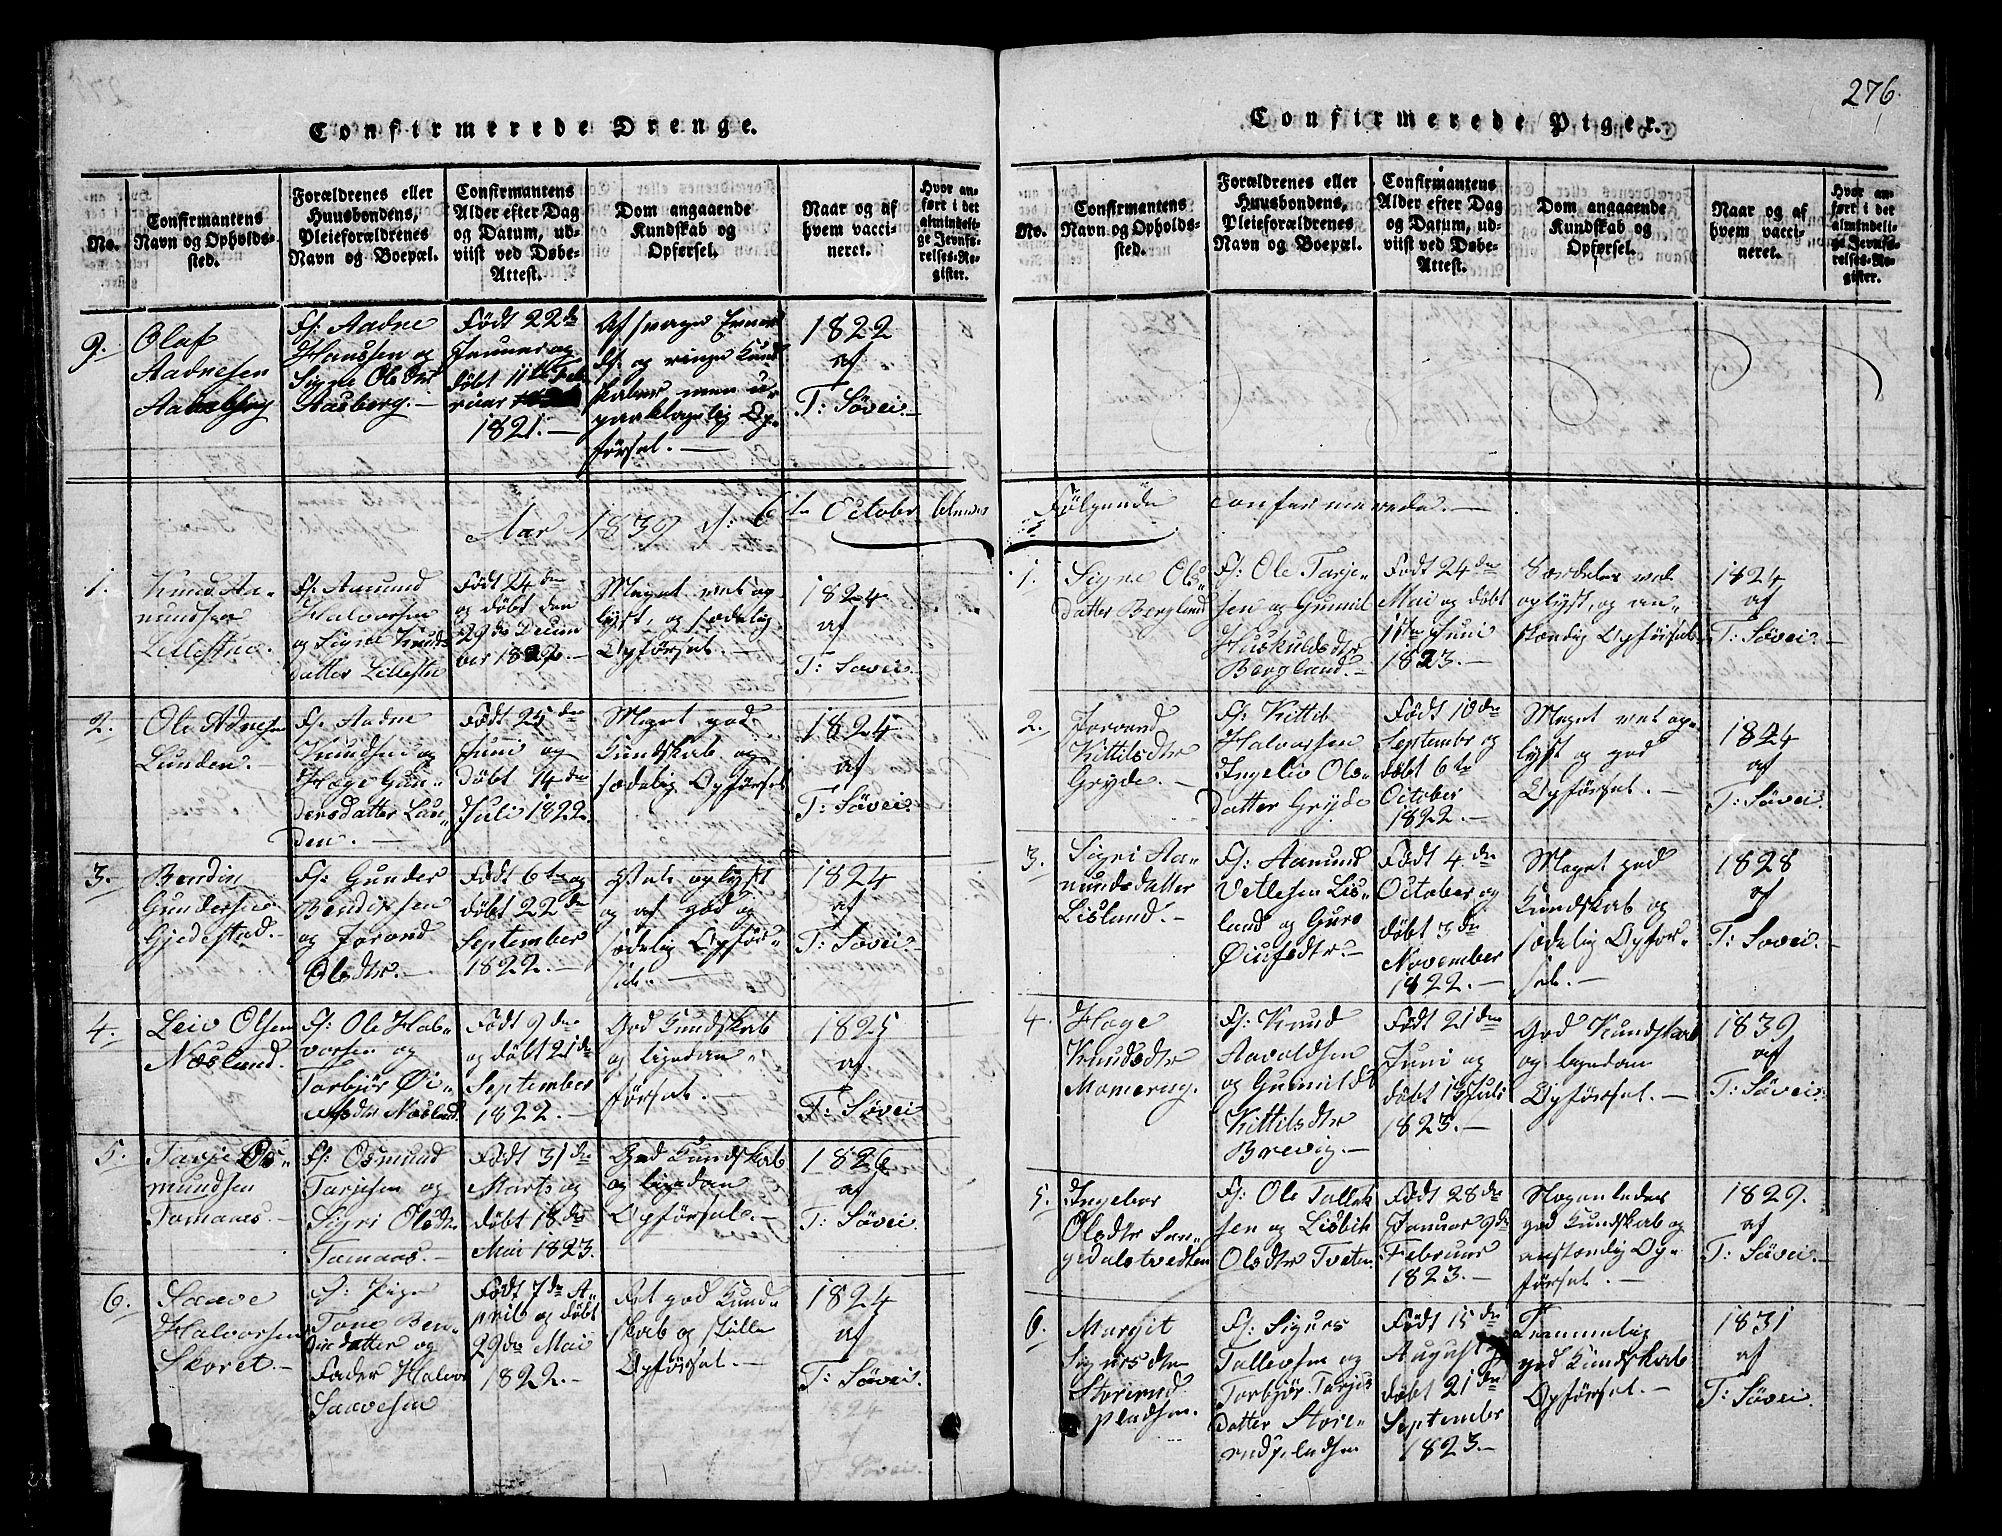 SAKO, Fyresdal kirkebøker, G/Ga/L0001: Klokkerbok nr. I 1, 1816-1840, s. 276